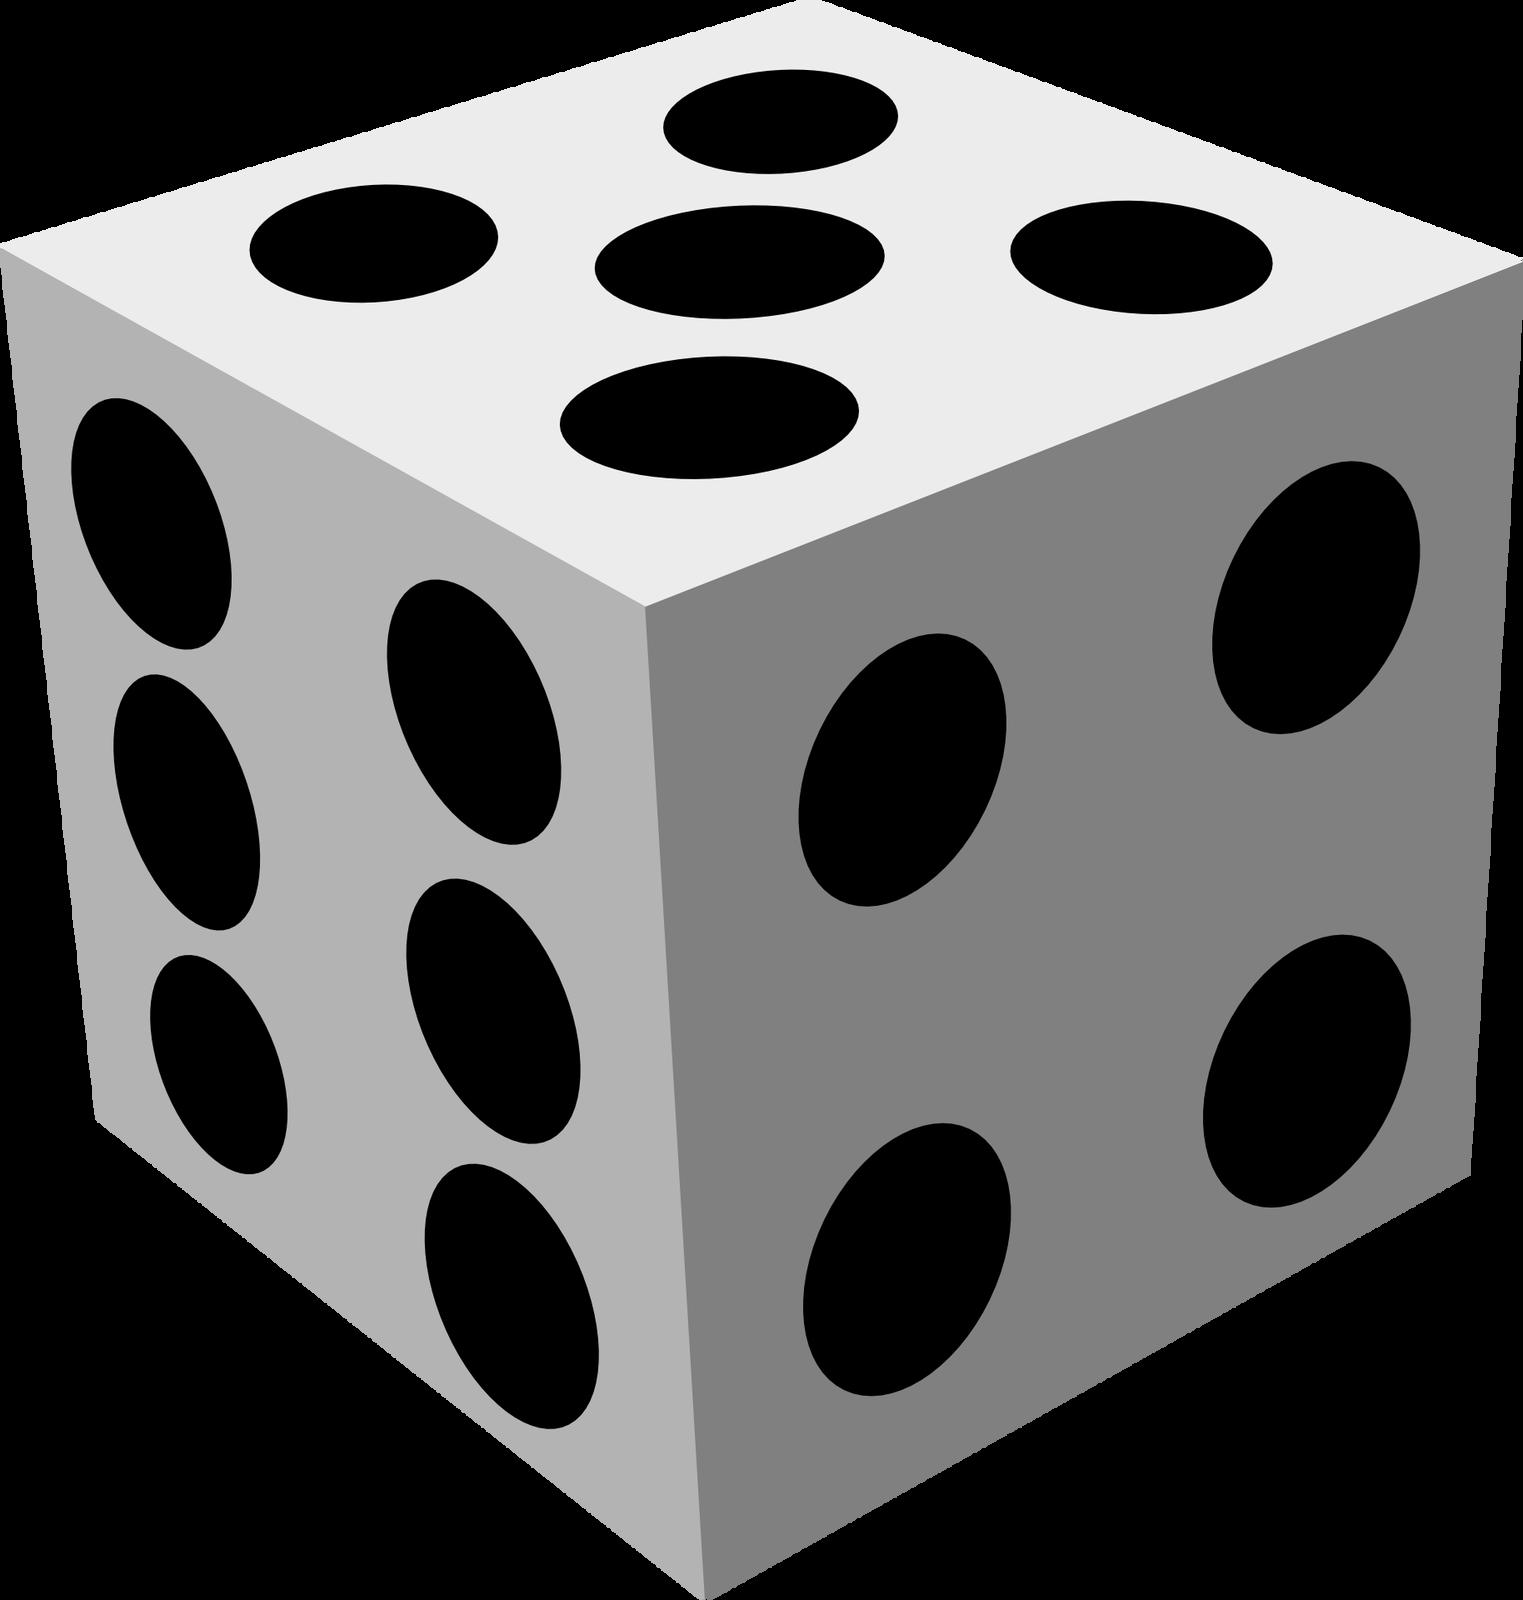 Ilustracja wektorowa przedstawiająca kostkę do gry, na której widoczne są: 6 oczek, 4 oczka i2 oczka.